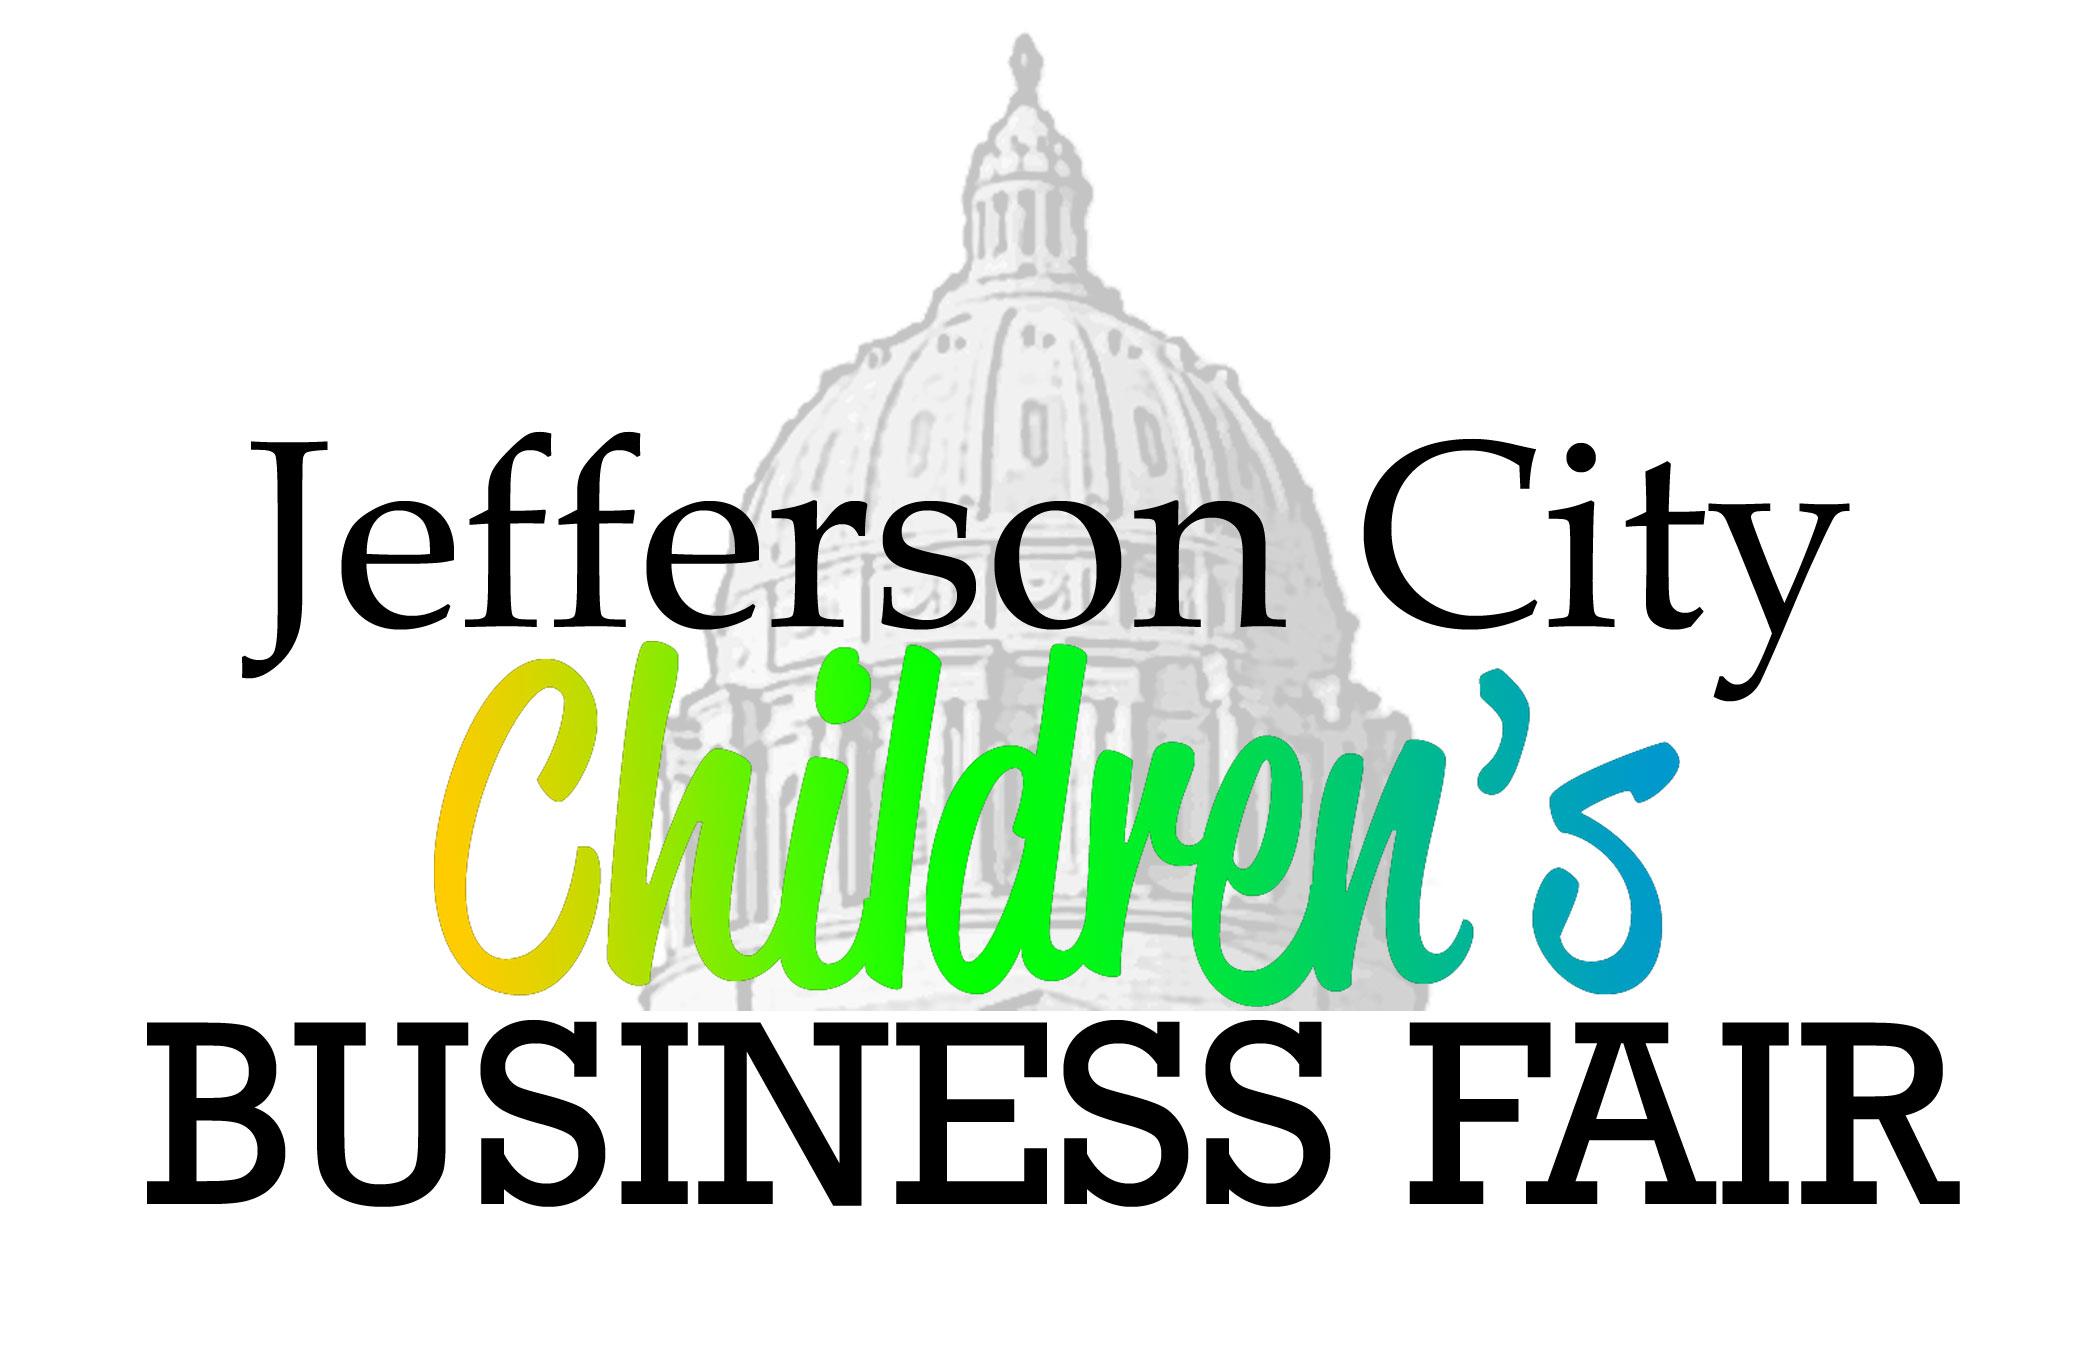 Original business fair logo